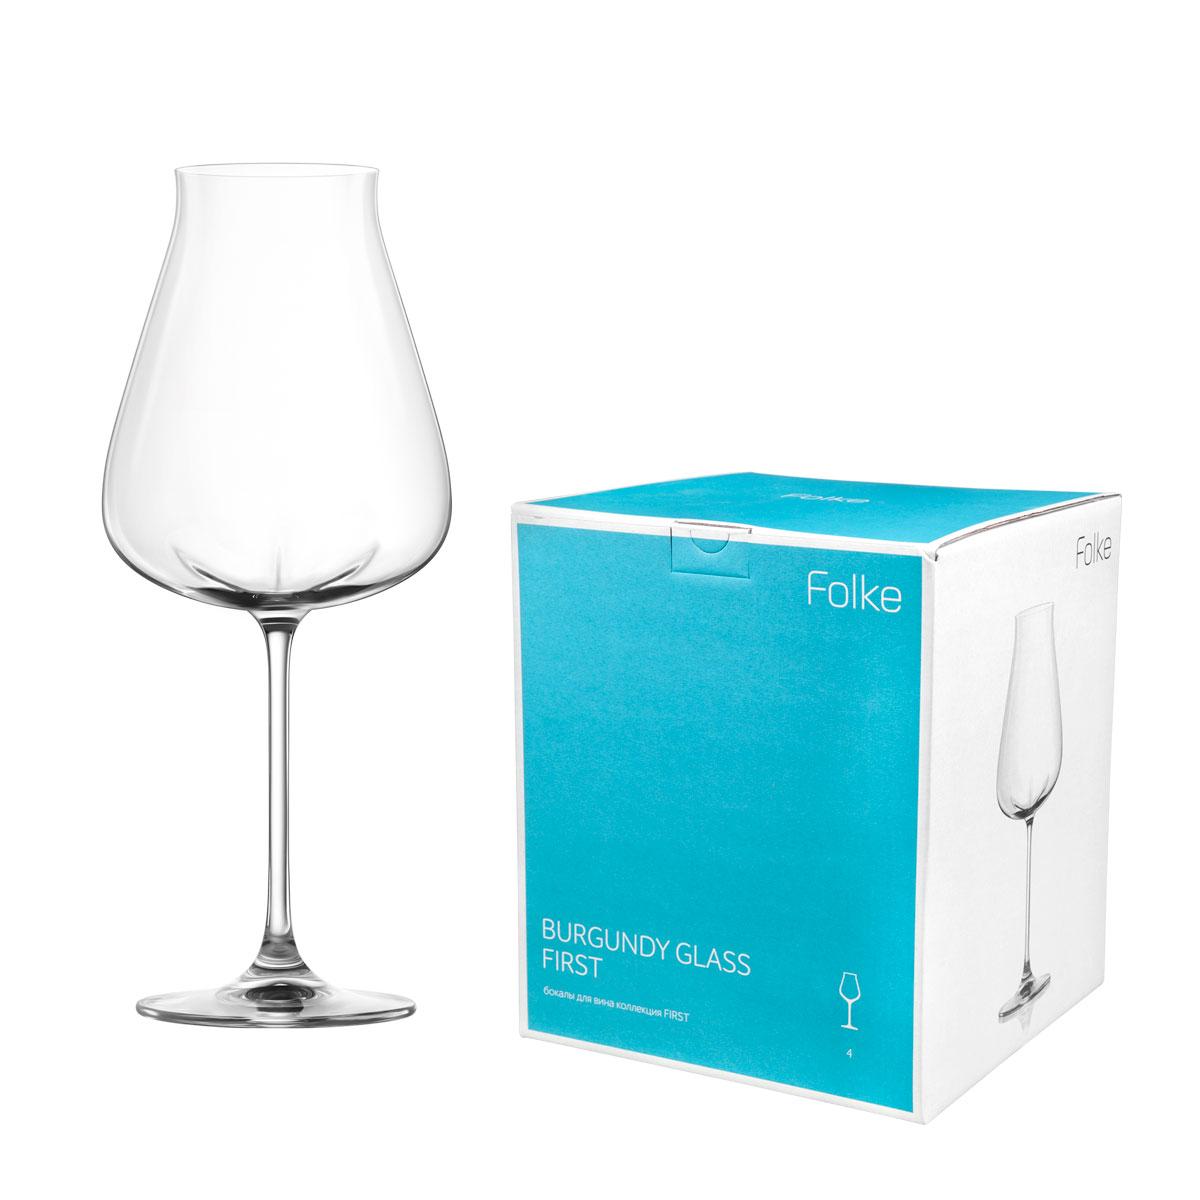 """Набор Folke """"Burgundy Glass"""" состоит из четырех бокалов, выполненных из хрустального стекла. Изделия оснащены ножками. Бокалы сочетают в себе элегантный дизайн и функциональность. Благодаря такому набору пить напитки будет еще вкуснее.   Коллекция """"First"""" - это бокалы из бессвинцового хрусталя высшего качества. Наша продукция отличается исключительной чистотой и повышенной устойчивостью к механическим повреждениям. Улучшенные характеристики изделий позволяют использовать их повседневно в домашних условиях и в ресторанном бизнесе. Оригинальный дизайн позволяет любому напитку полностью раскрыться и заиграть новыми красками. Это поистине уникальное творение современных технологий и многолетнего опыта лучших мировых сомелье."""